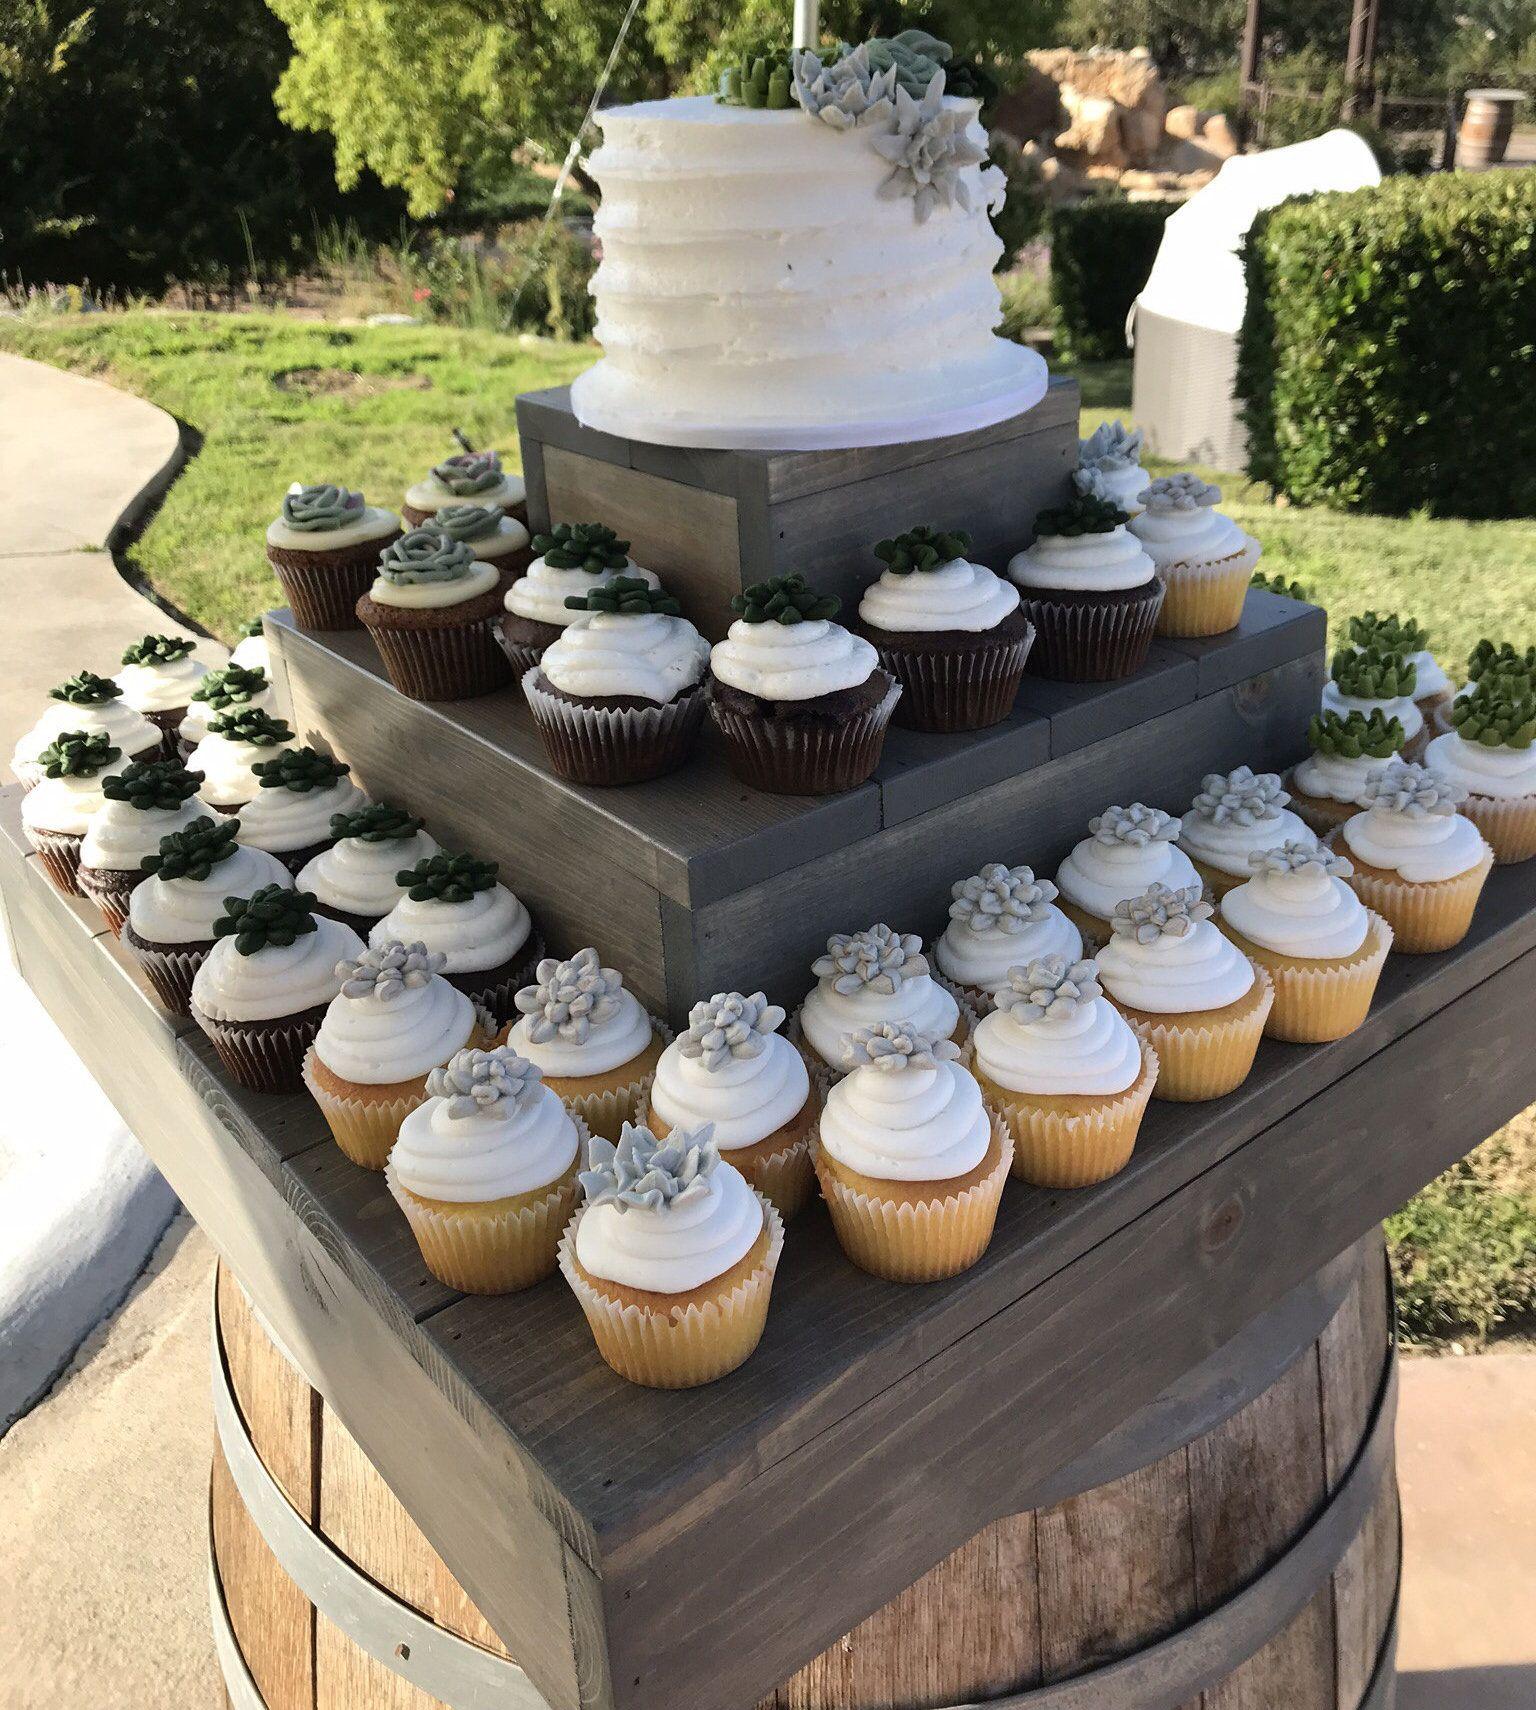 Cupcake Stand Wedding Cupcake Holder Cupcake Display Cake Stand Cake Display Stackable Up To 3 Tiers Cupcake Stand Wedding Wedding Cupcakes Rustic Wedding Cupcake Holders